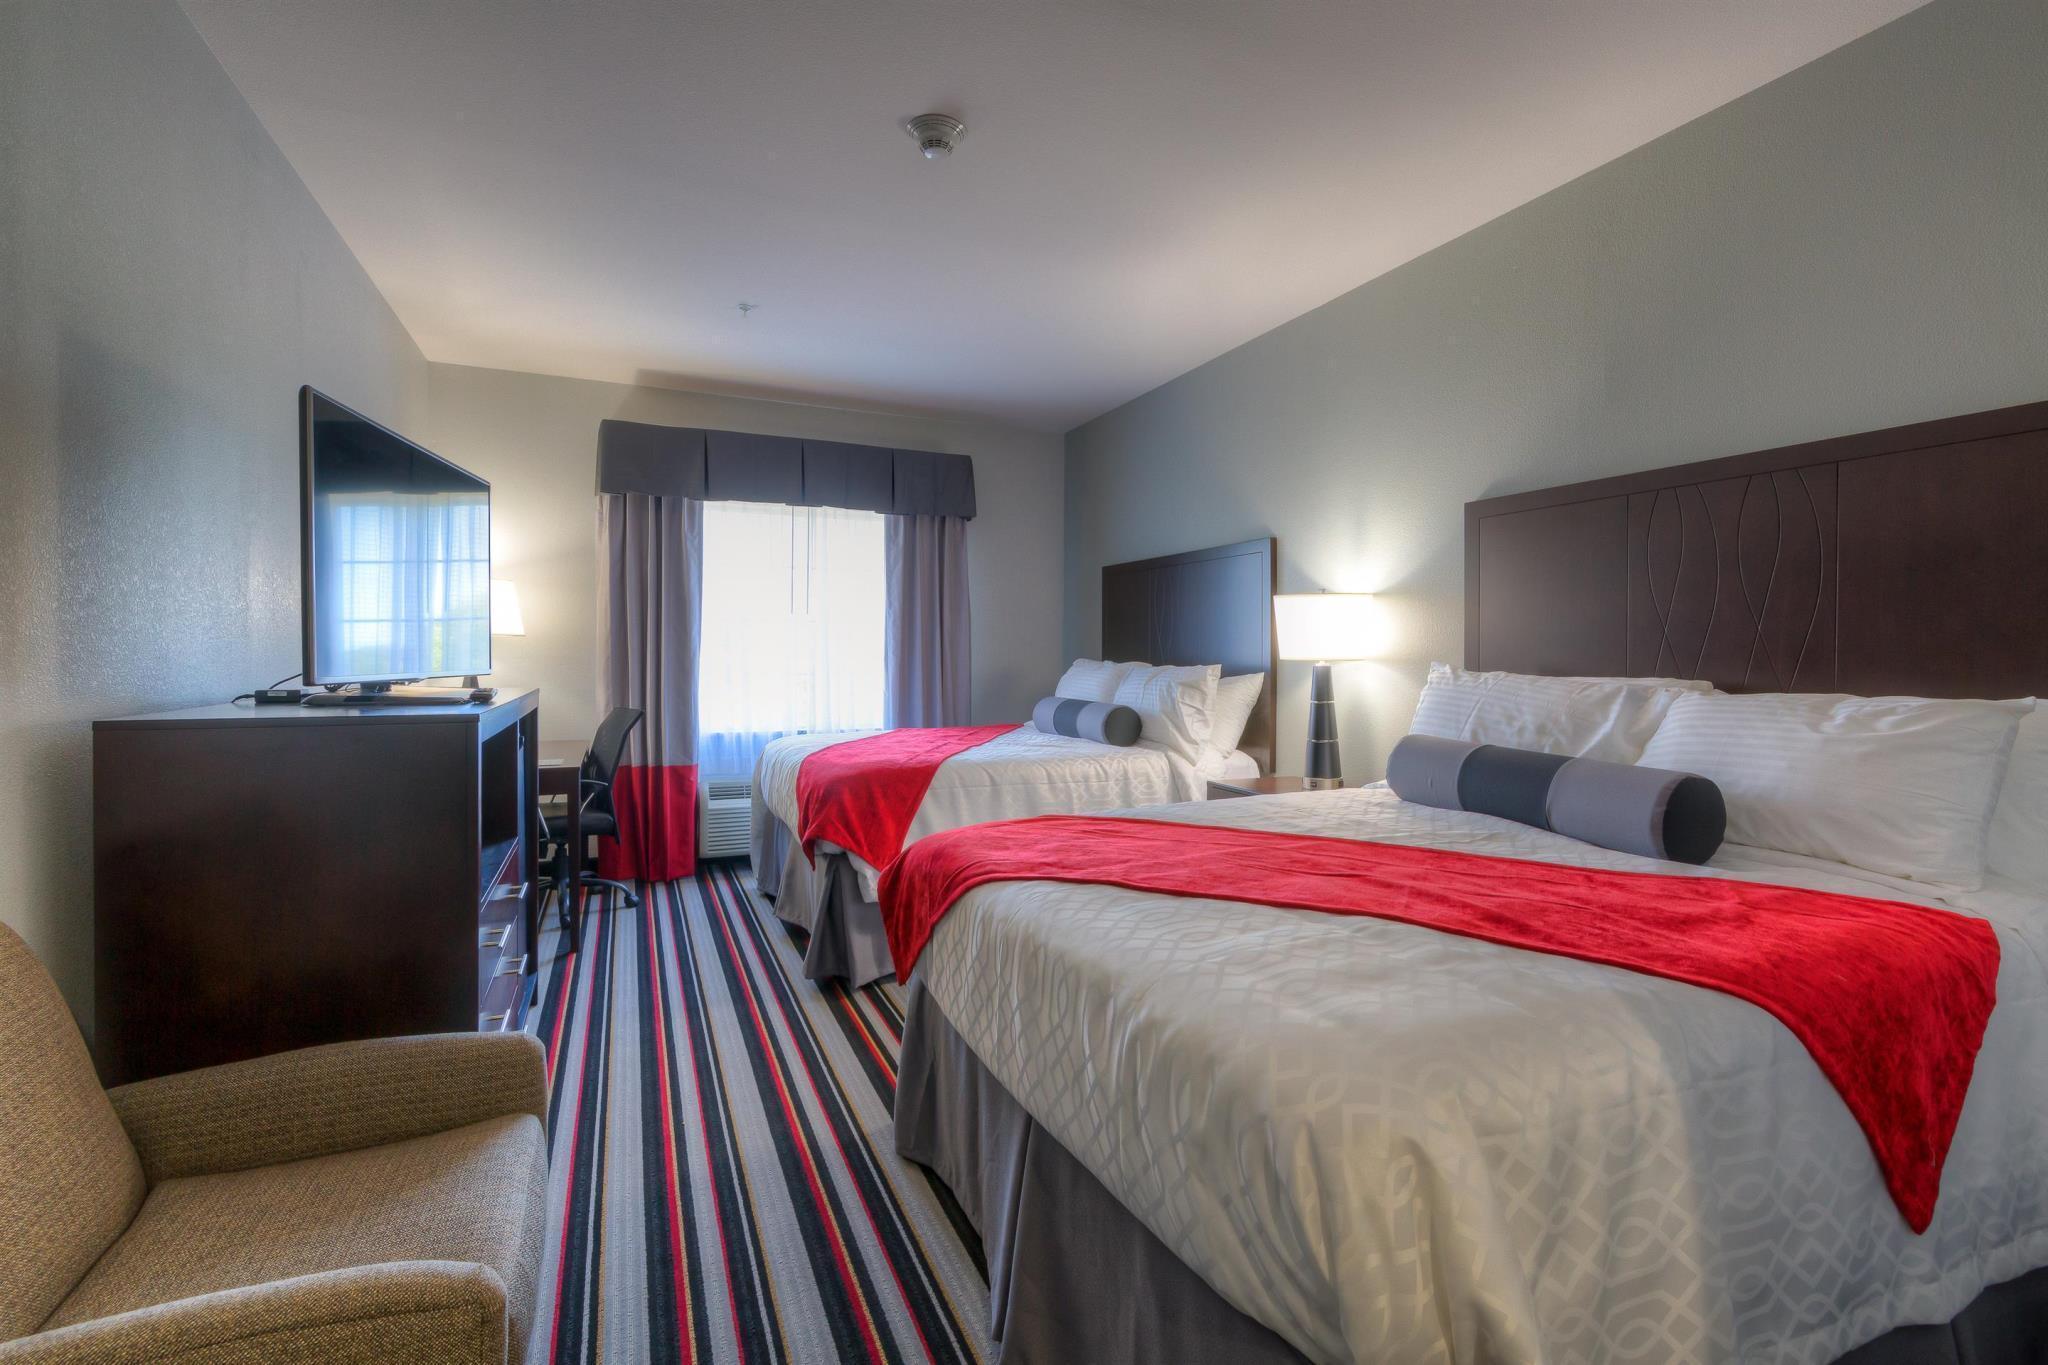 Best Western Plus Coweta's 1st Hotel, Wagoner